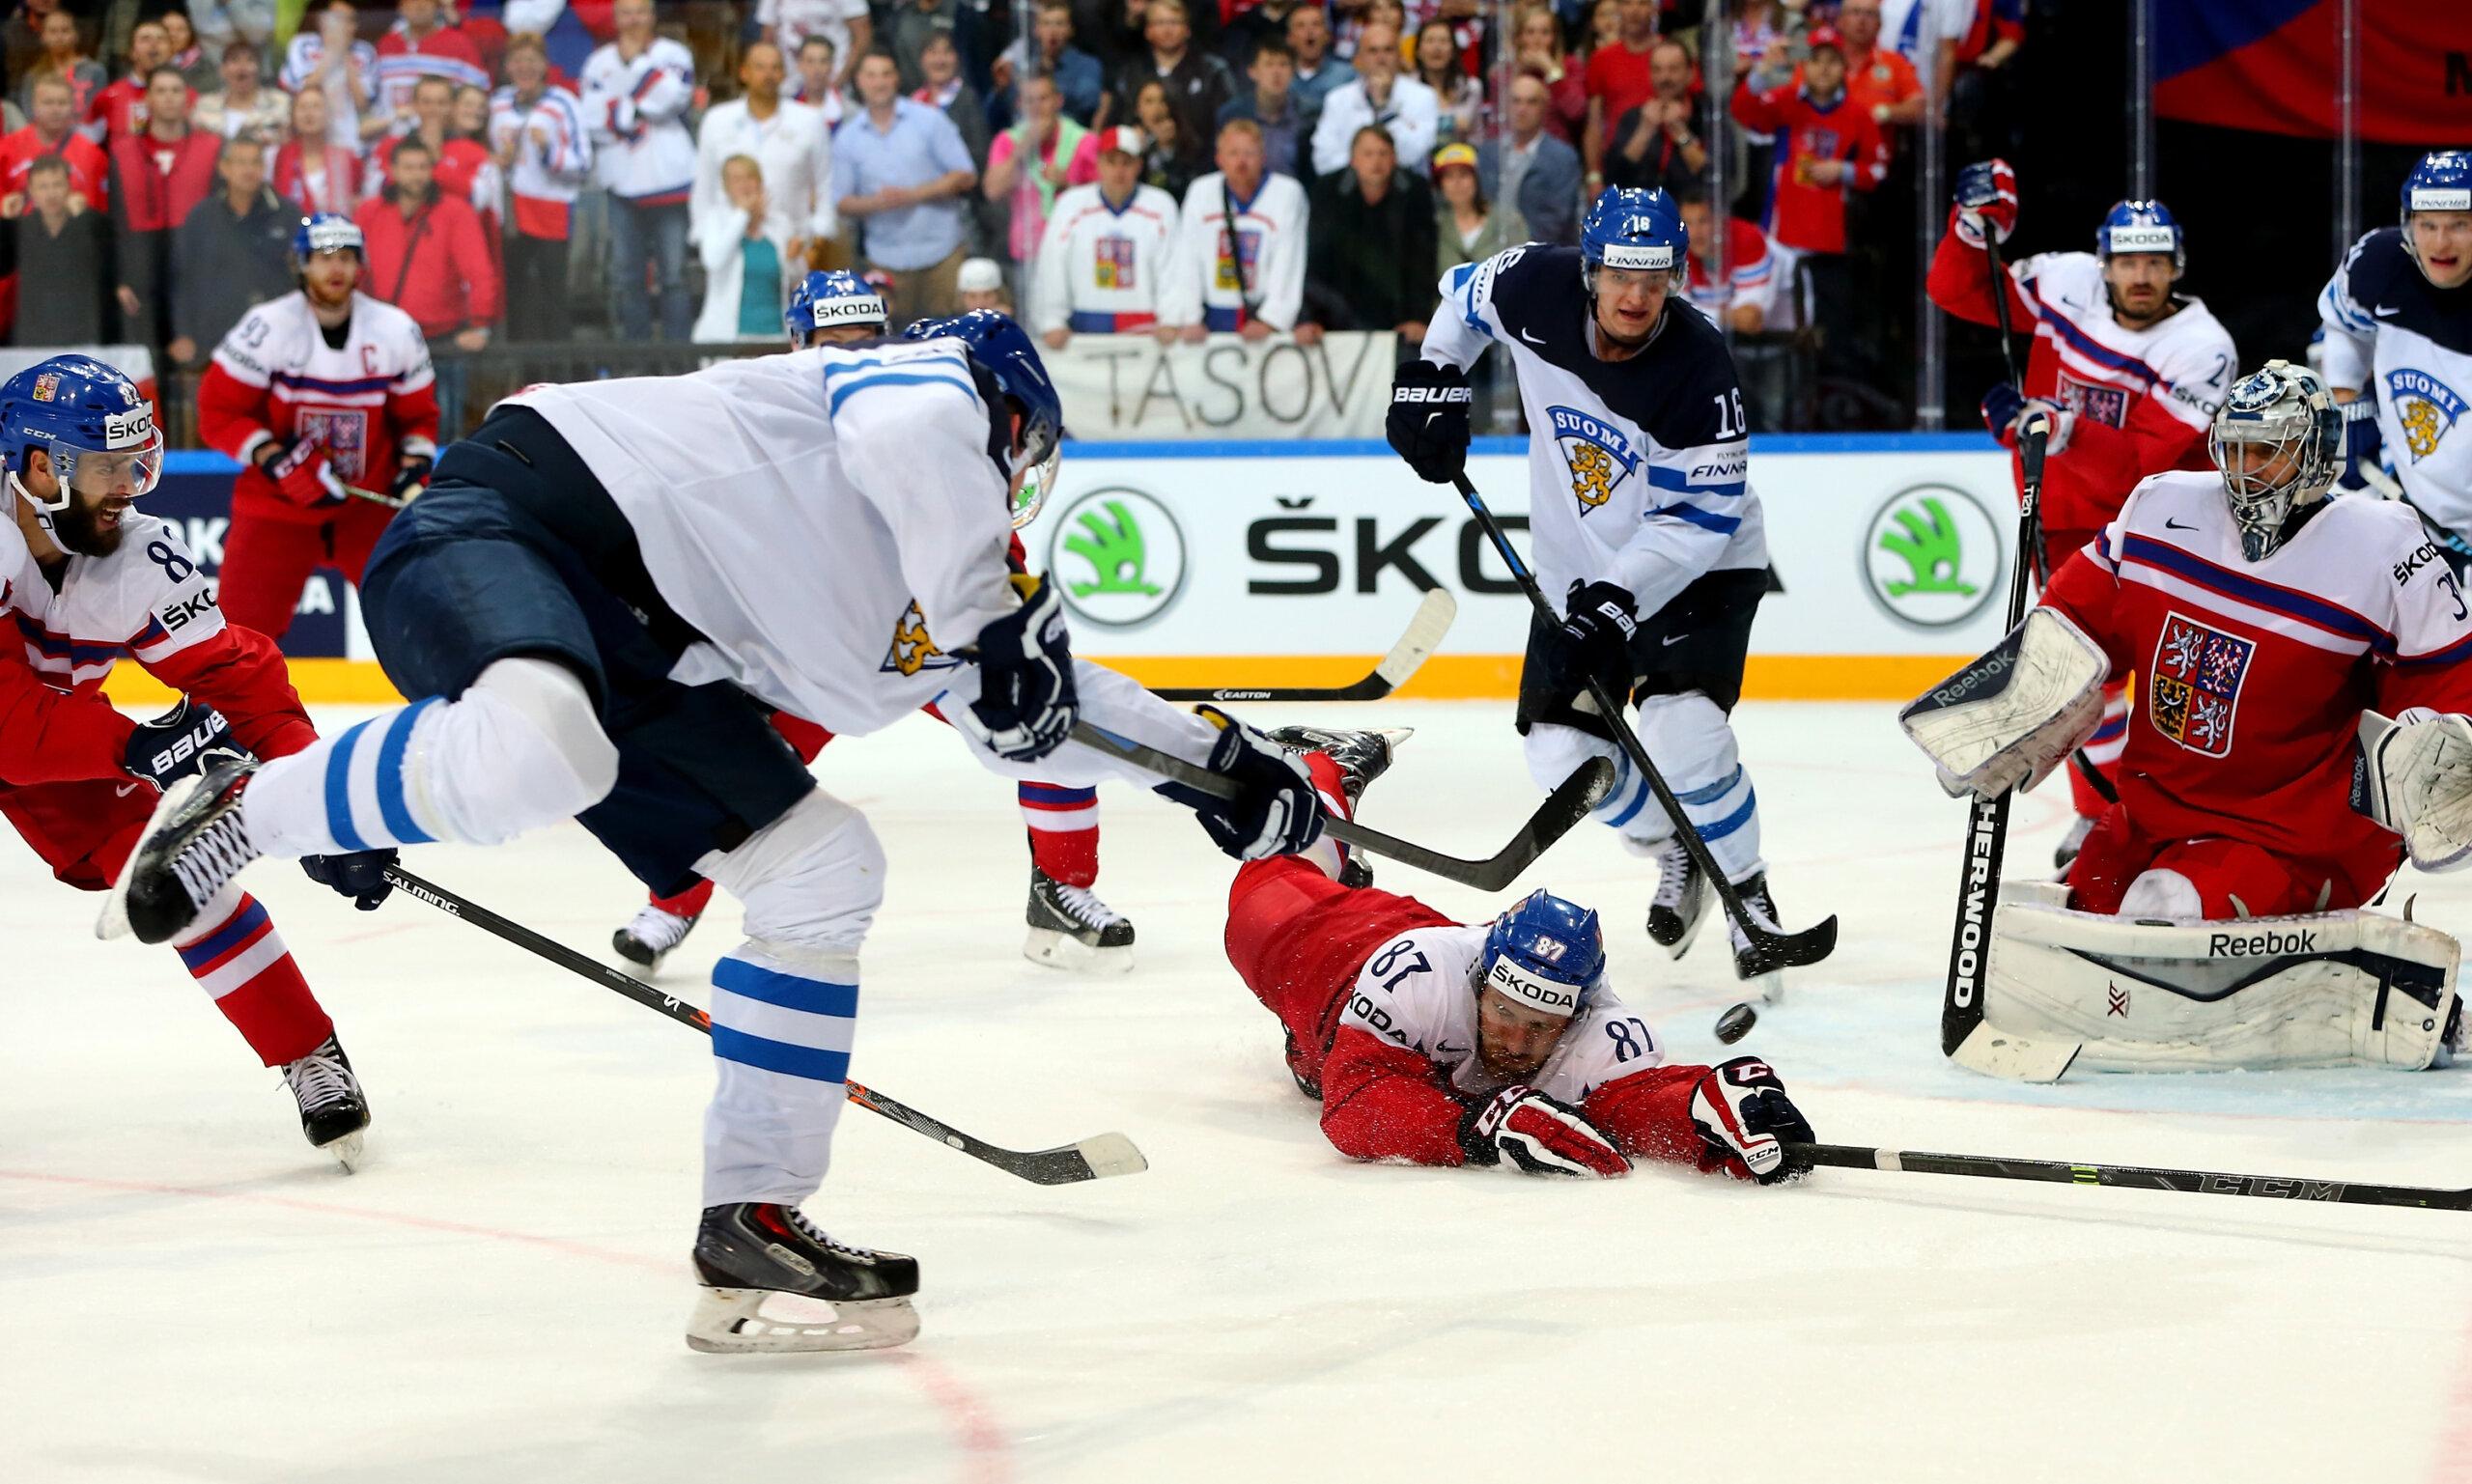 Finland v Czech